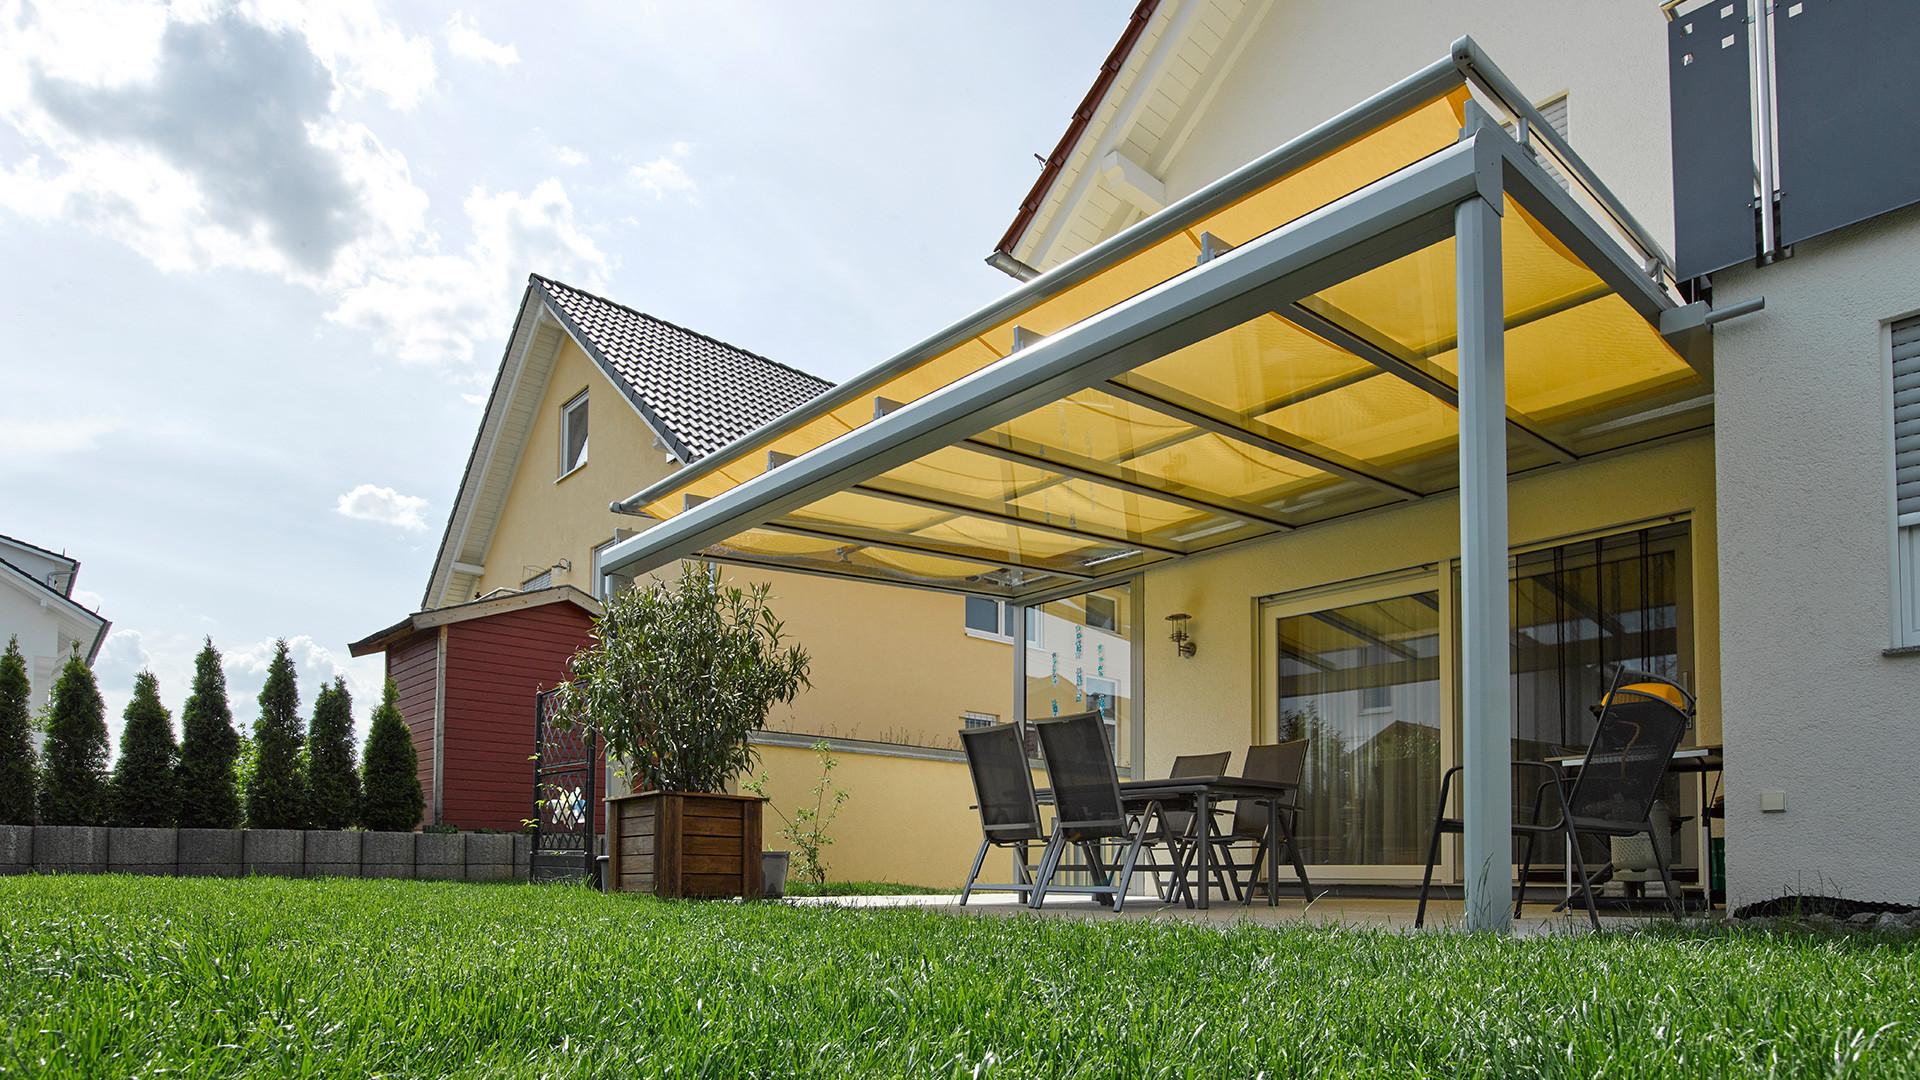 Sonnenschutz Für Terrasse  Sonnenschutz für Balkon und Terrasse – Markisen Zanker